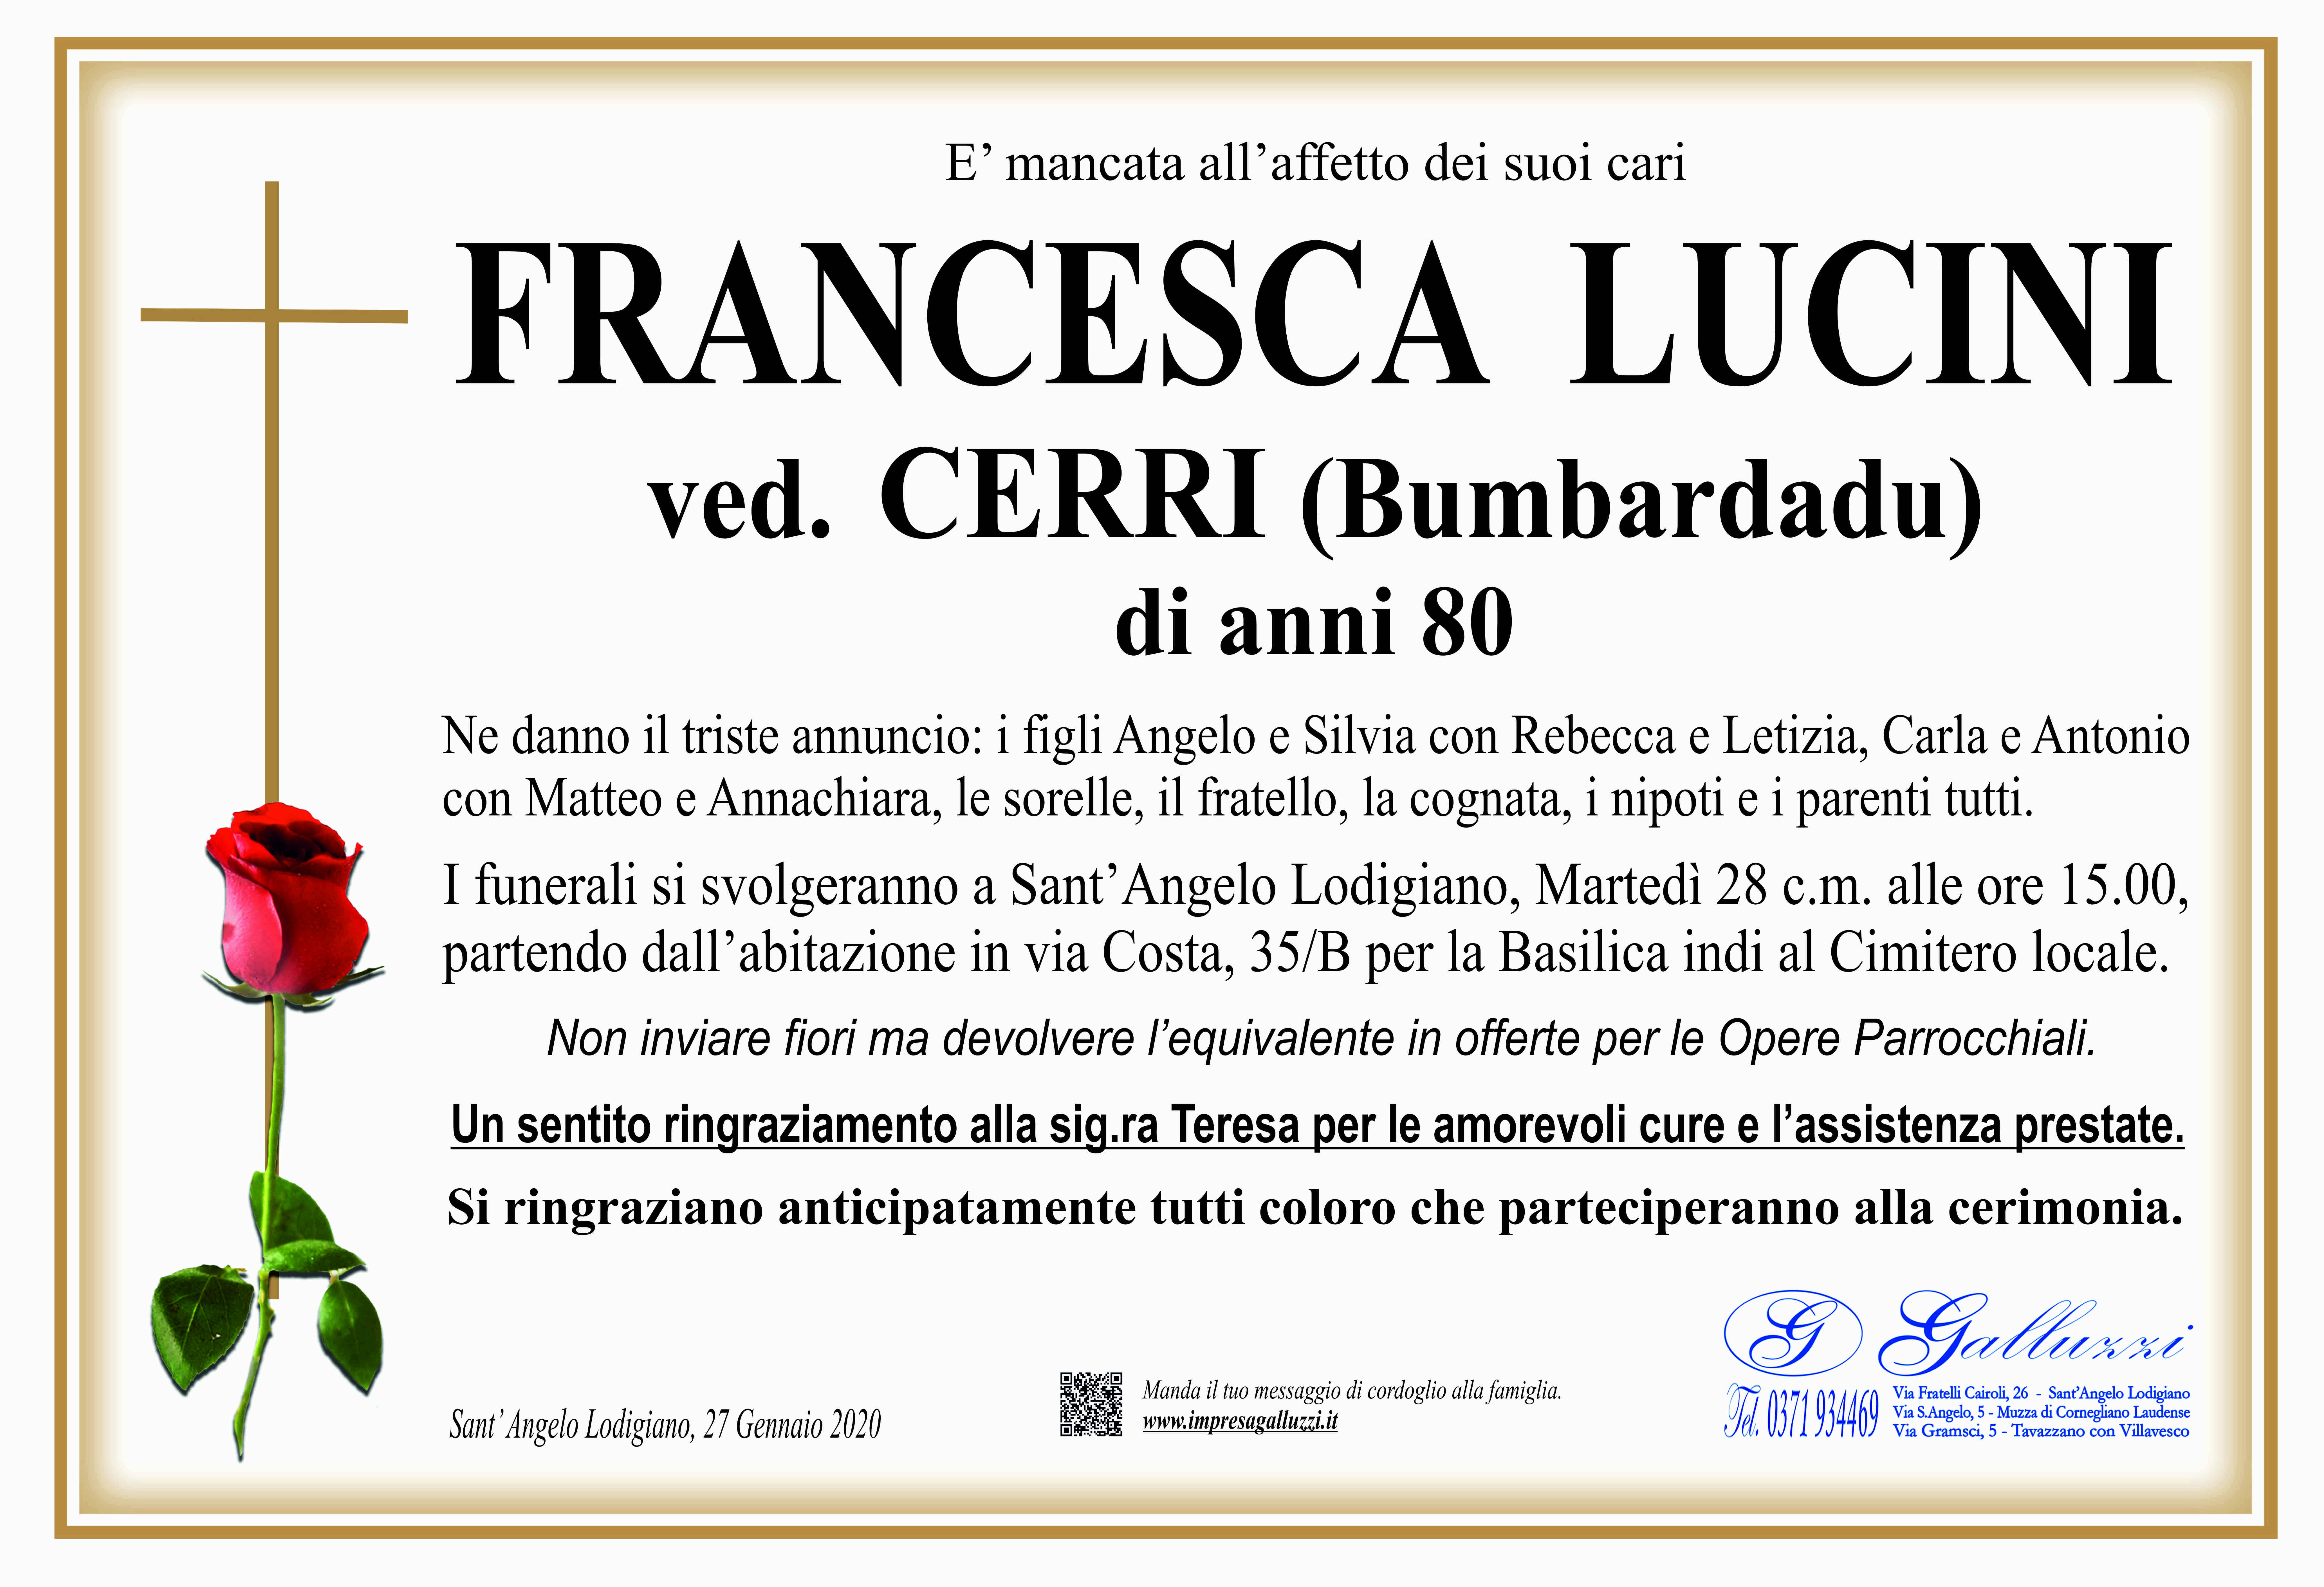 Francesca Lucini